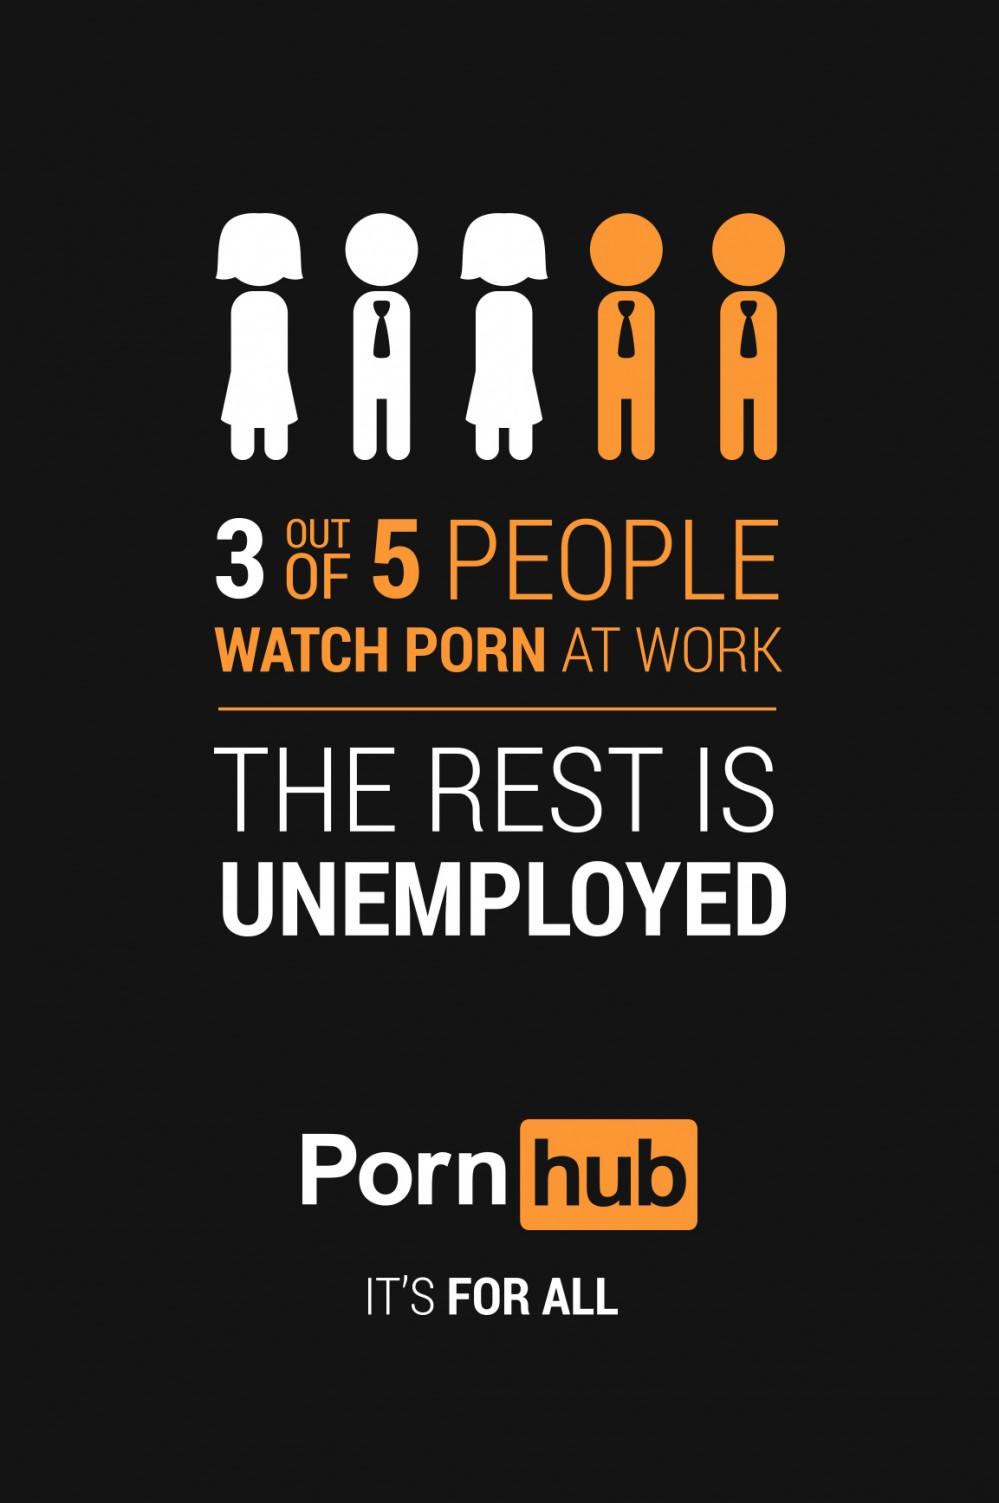 miglior colpo di lavoro PornHub cristallo chiaro ebano porno